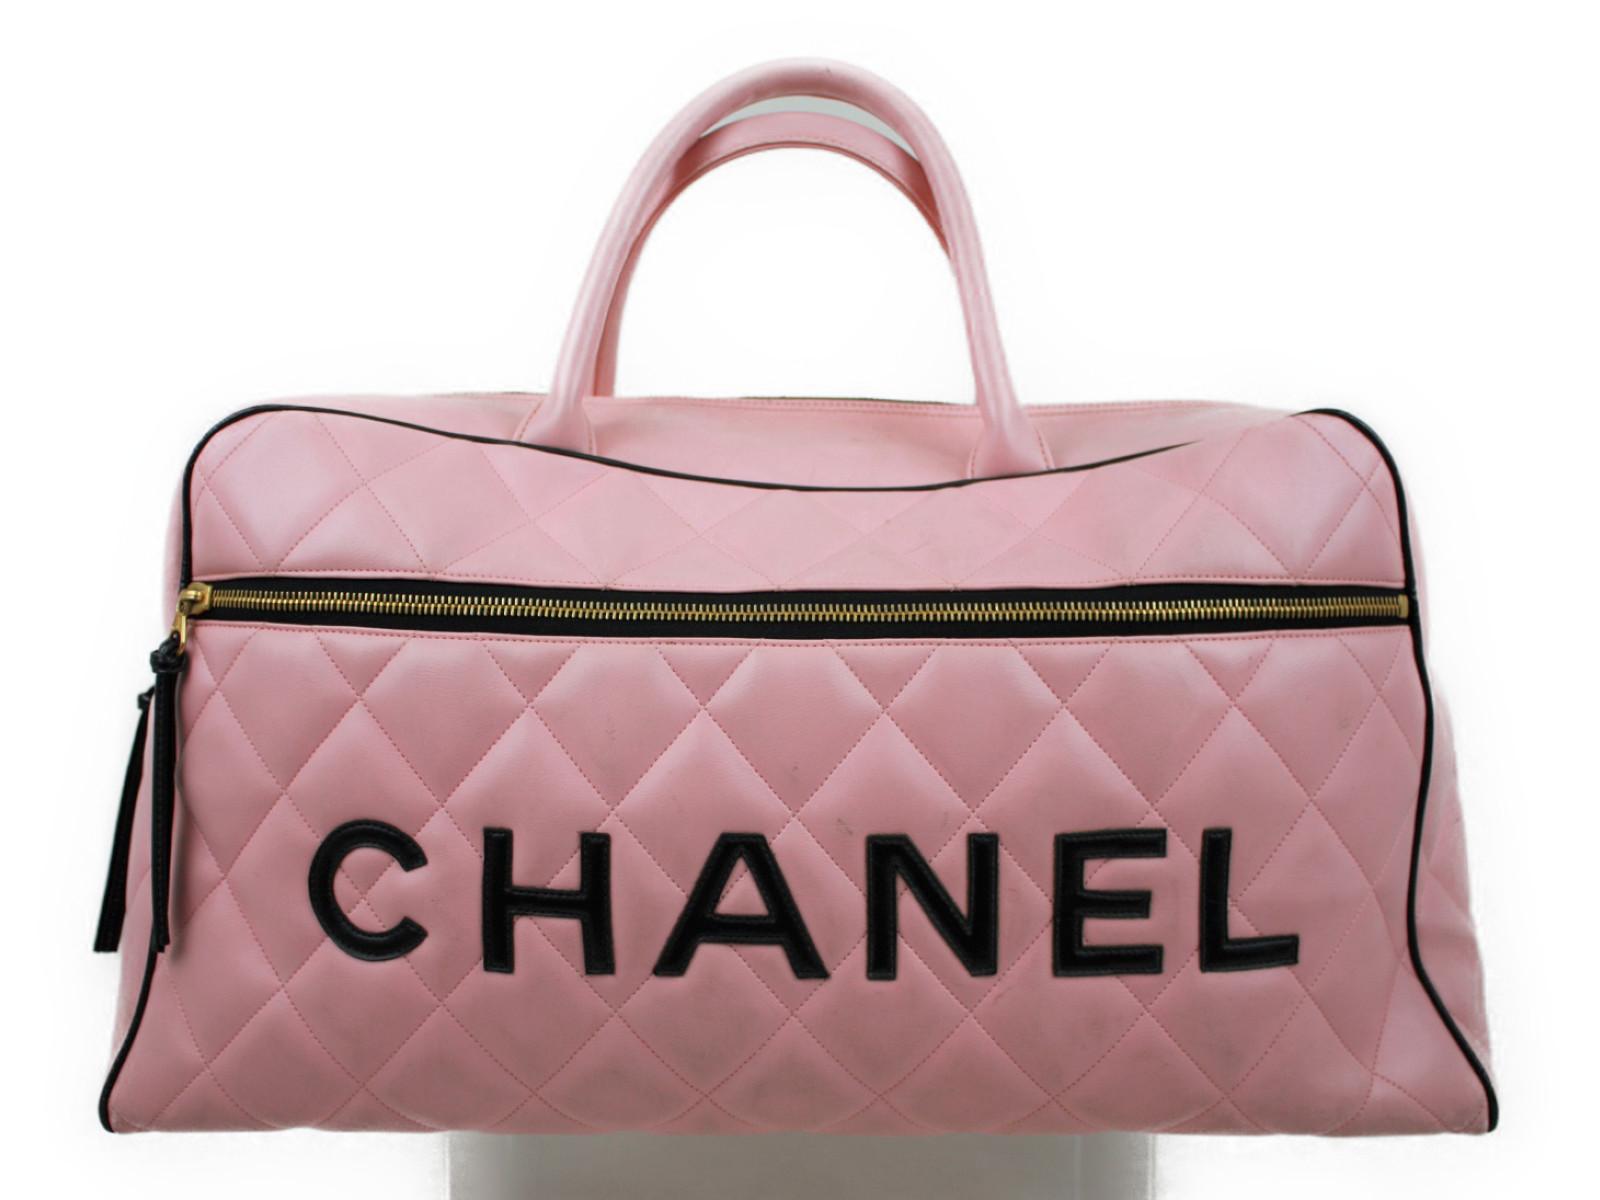 【大きい】CHANEL シャネルボストンバッグ 旅行バッグ カバンピンク 桃 ブラック 黒 ゴールド金具【中古】